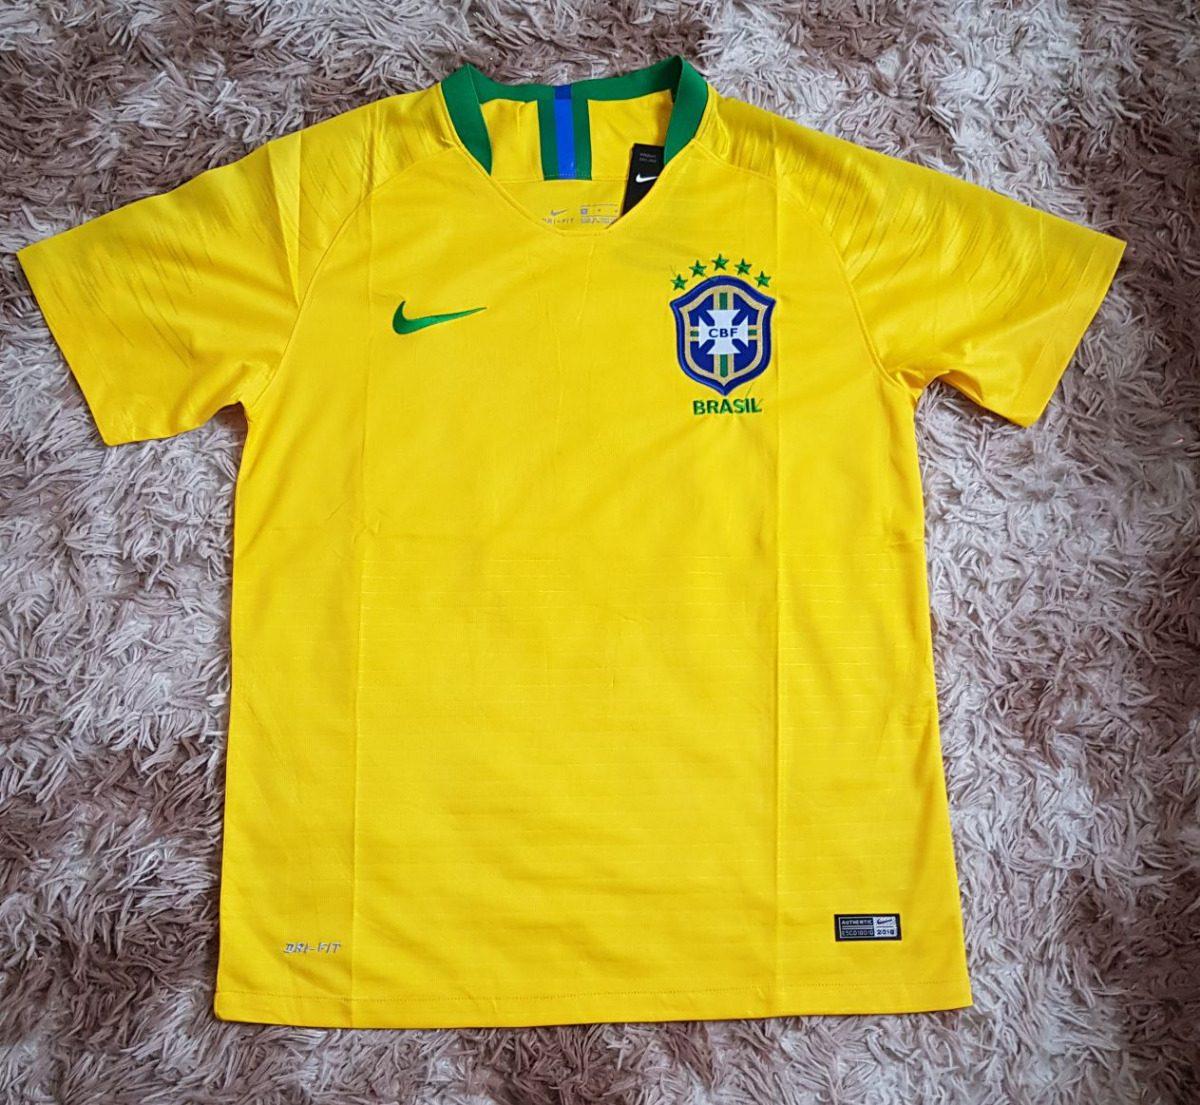 ca8c1d7098 camisa seleção do brasil oficial 2018 p ao xxg. Carregando zoom.